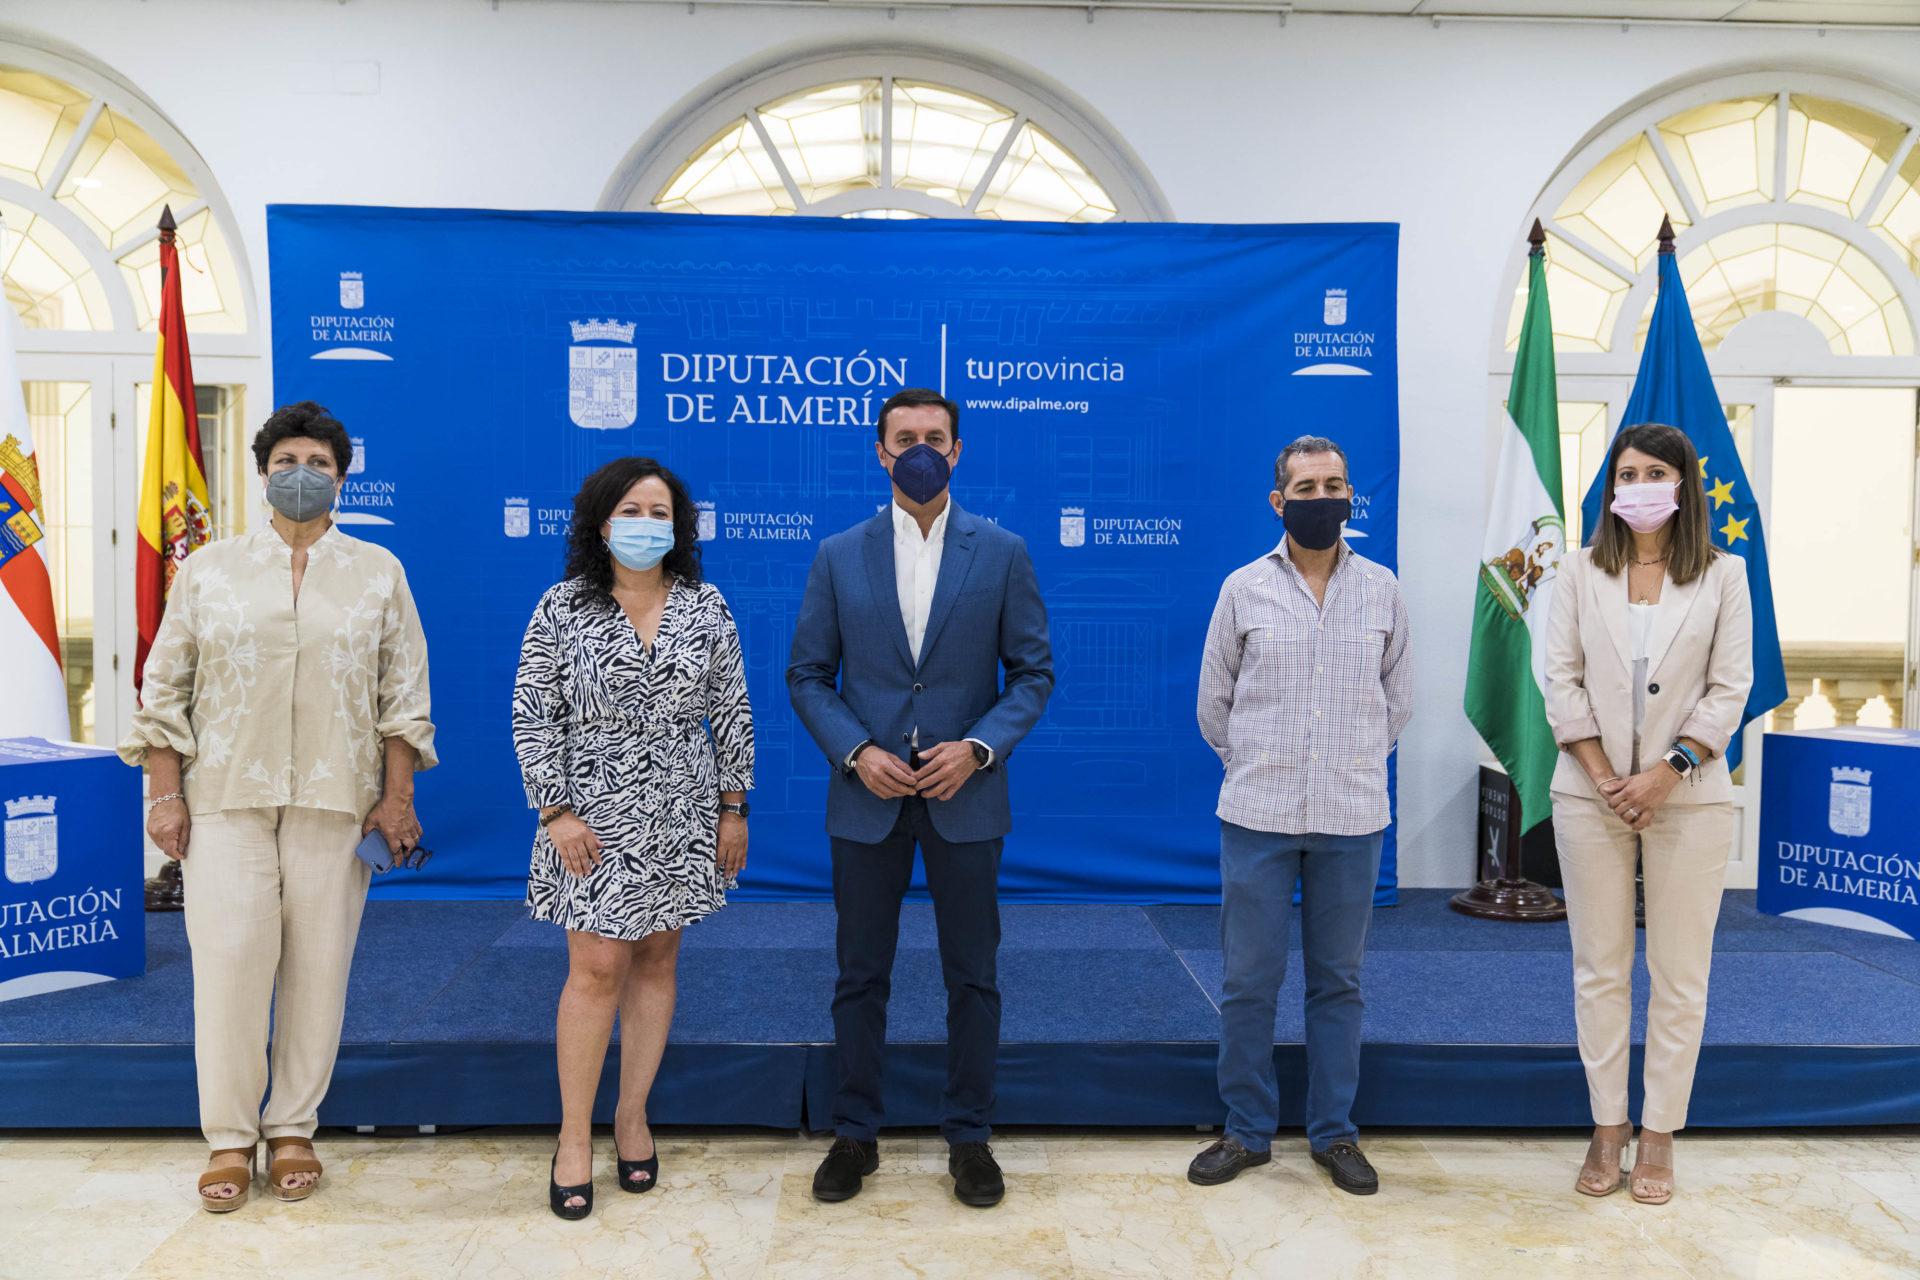 Diputación y los graduados sociales sellan una alianza pionera en España para asesorar a personas sin recursos